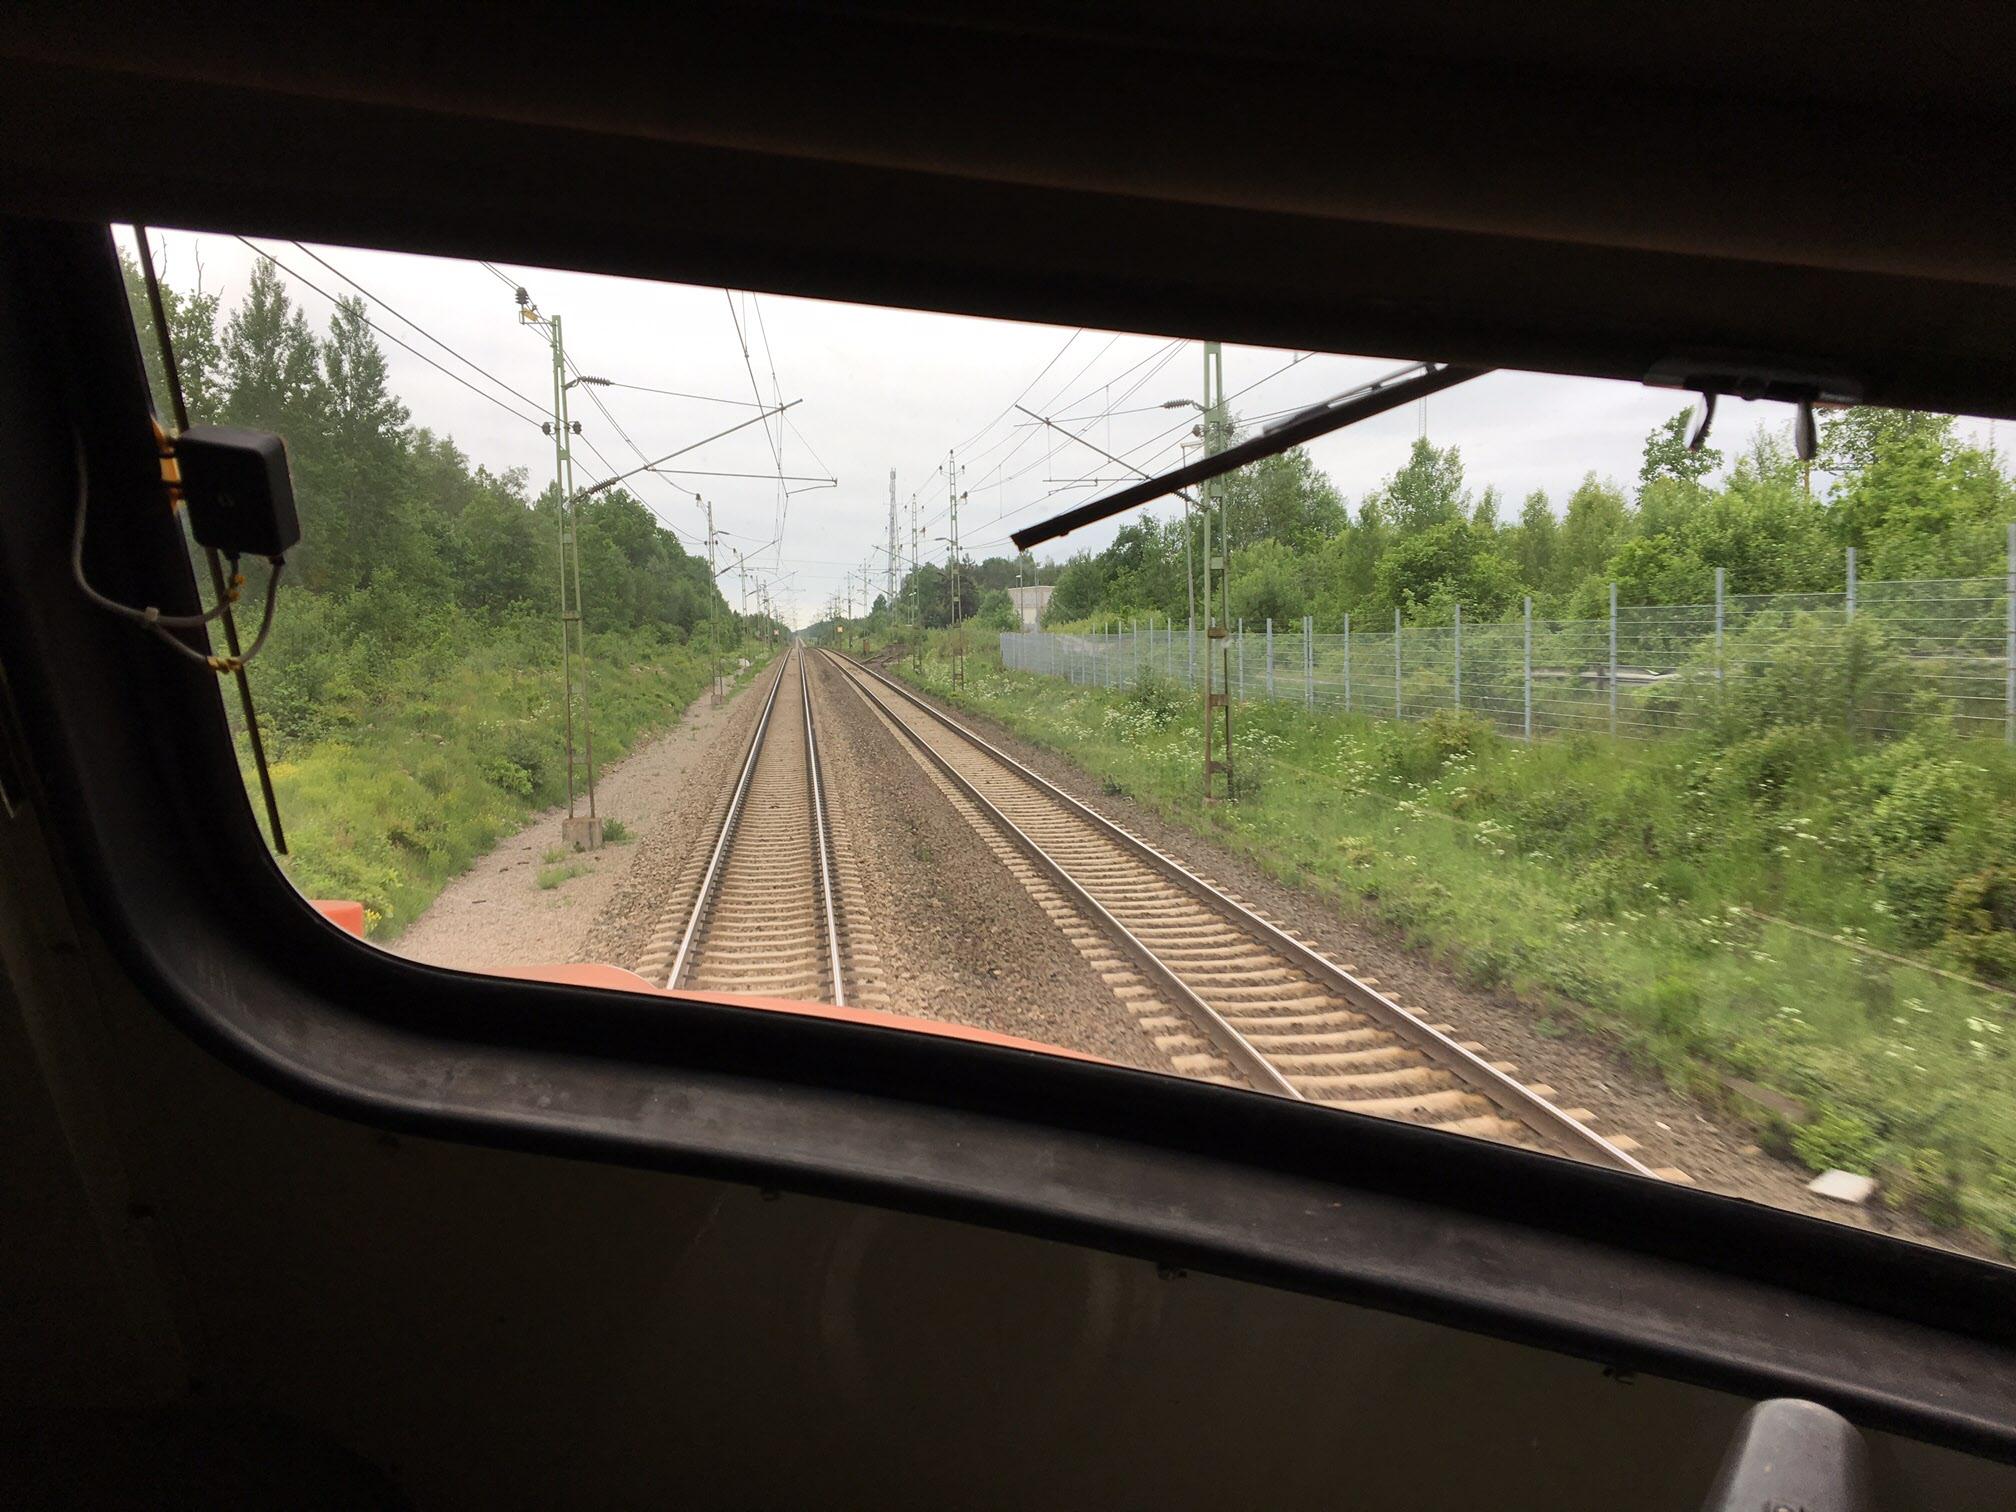 Raka spåret ner mot Helsingborg